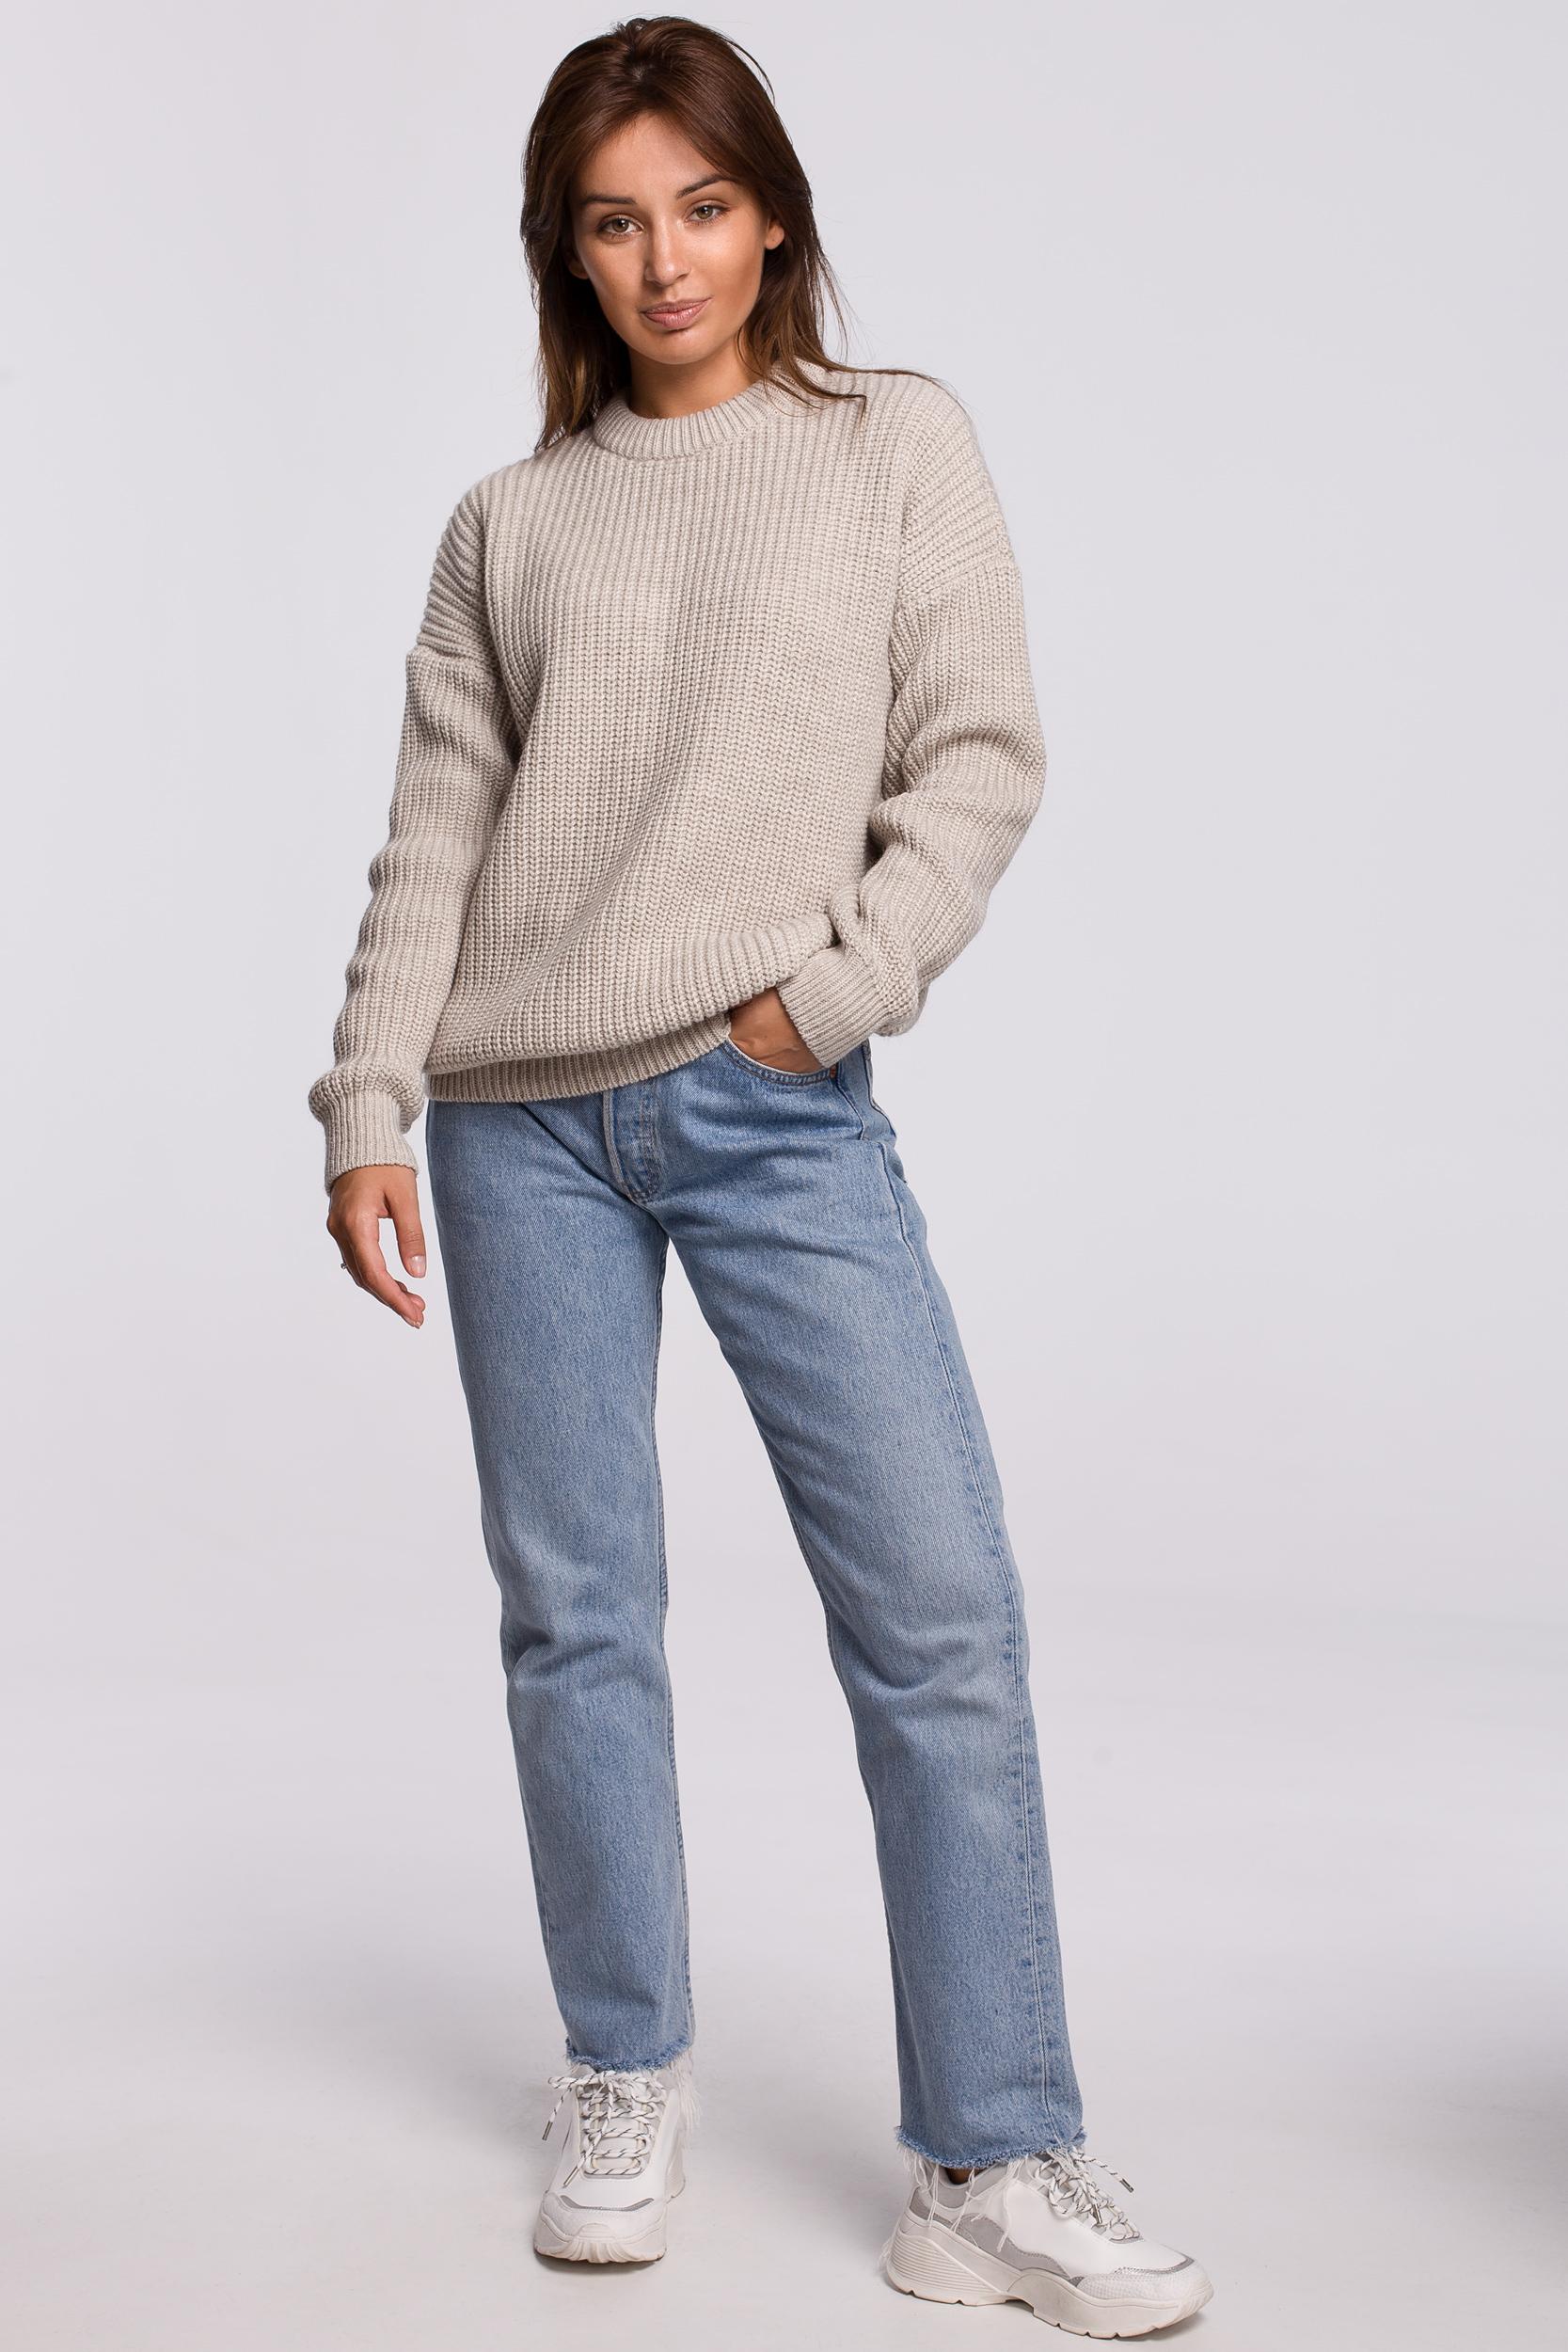 Sweater in Beige Vorderansicht komplett